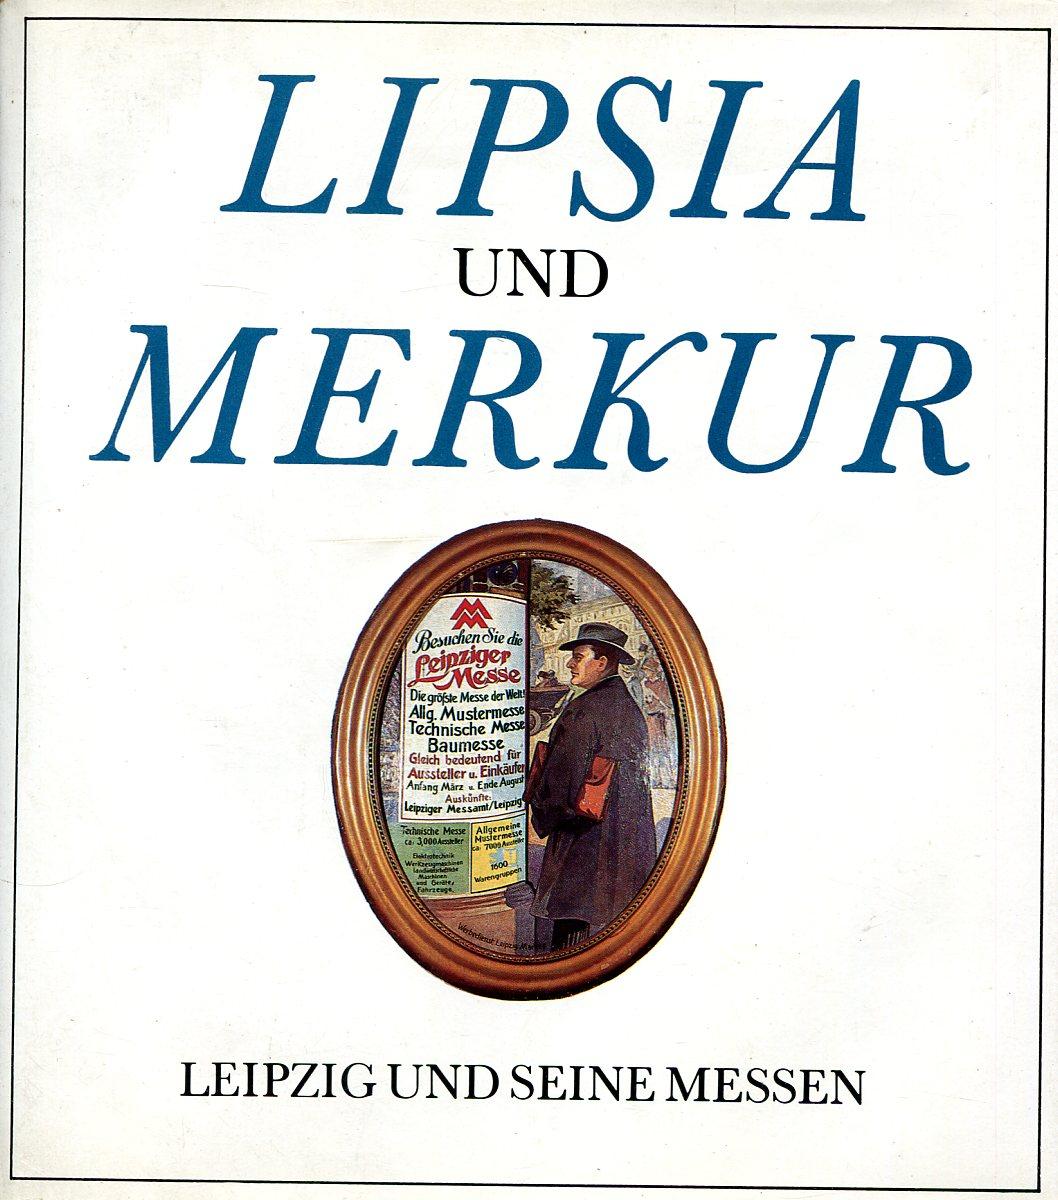 Klaus Metscher, Walter Fellmann Lipsia und Merkur - Leipzig und seine Messen. leipzig